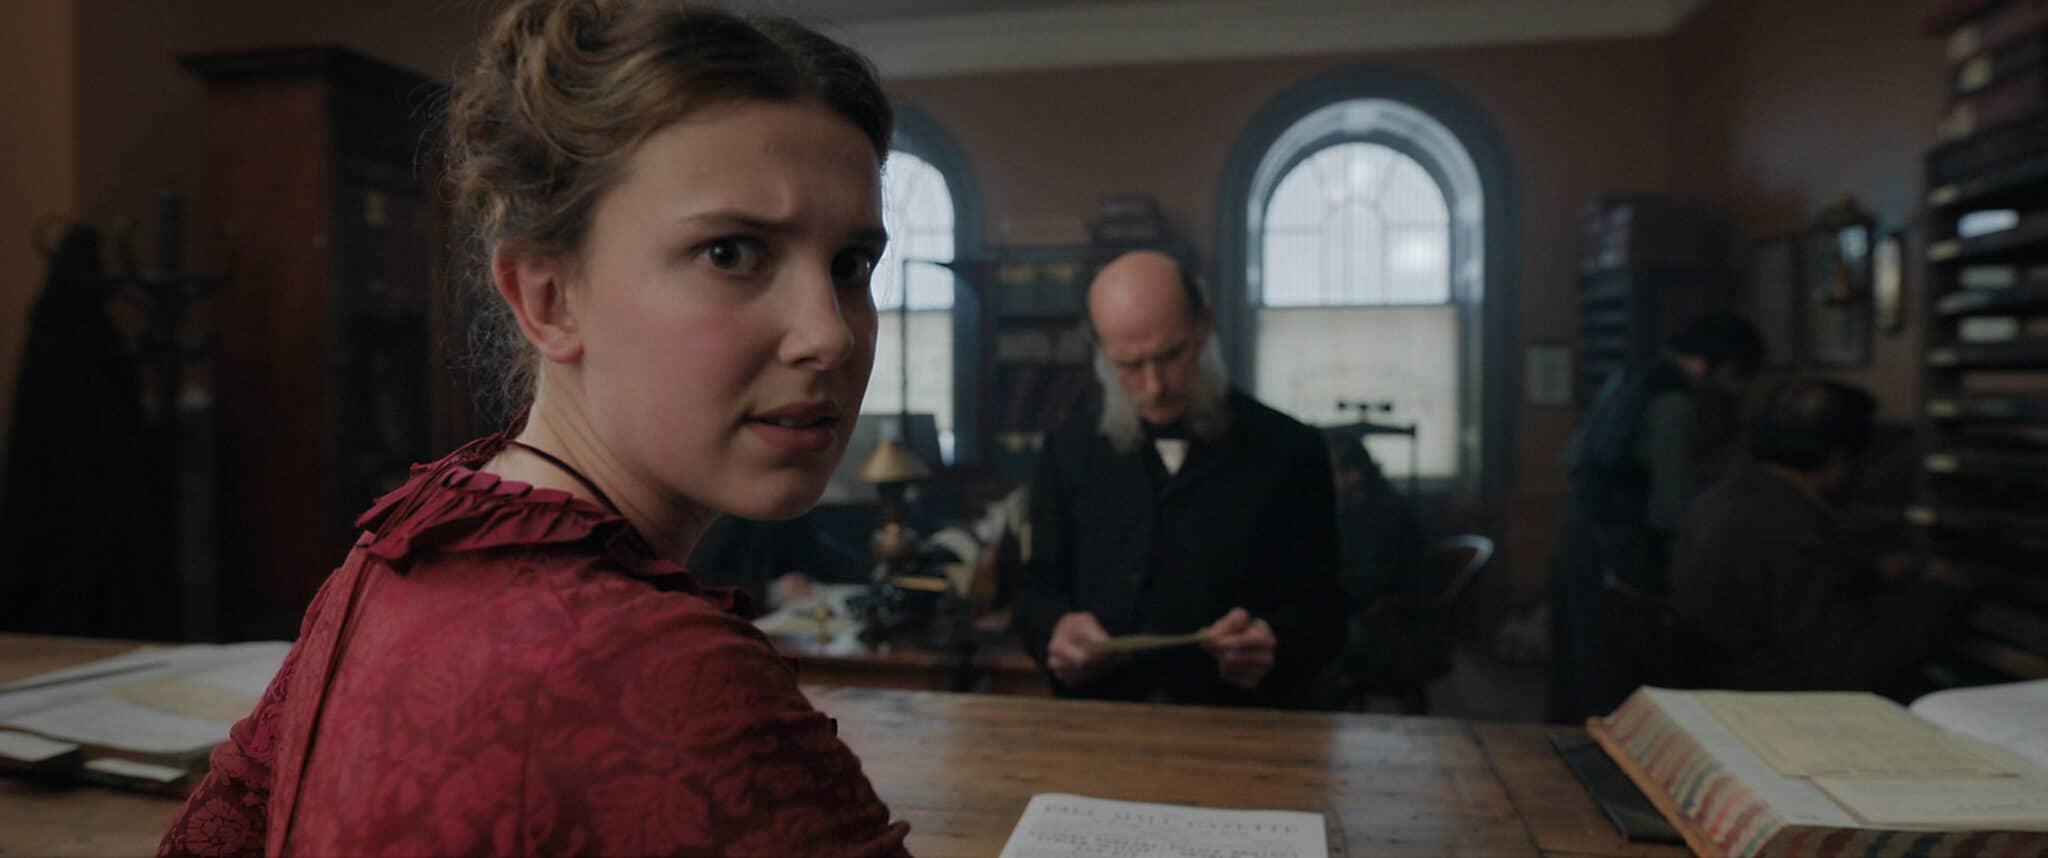 Enola (Millie Bobby Brown) wendet ihren Blick gen Zuschauer. Sie trägt ein rotes Kleid und sitzt an einem Schreibtisch hinter dem ein Mann mit Glatze steht.